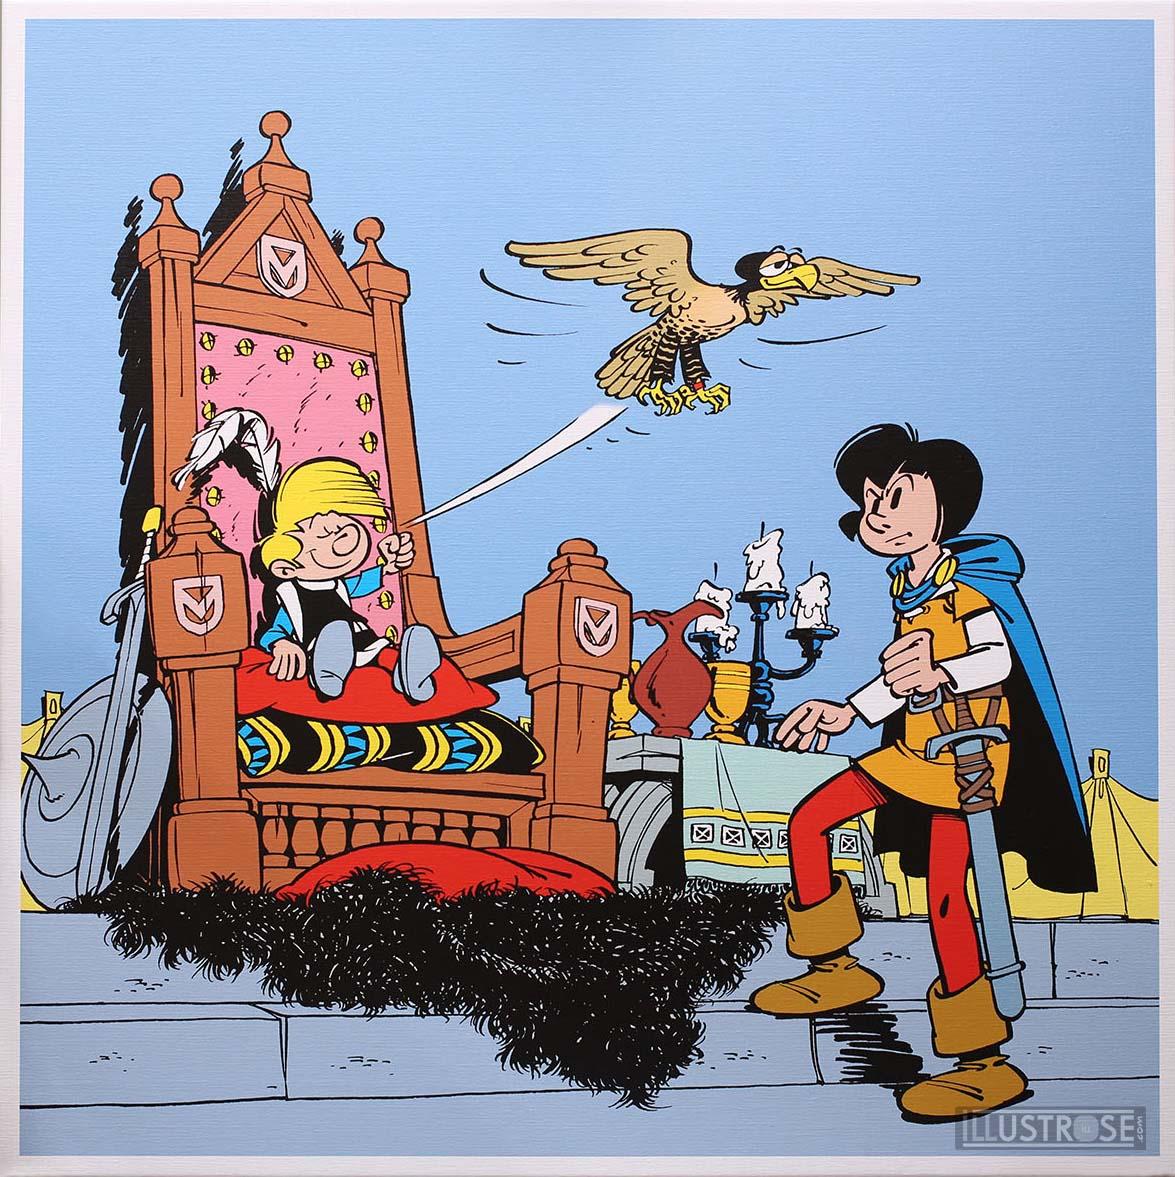 Toile BD décorative Johan et Pirlouit de Peyo 'Le sire de Montrésor' - Illustrose